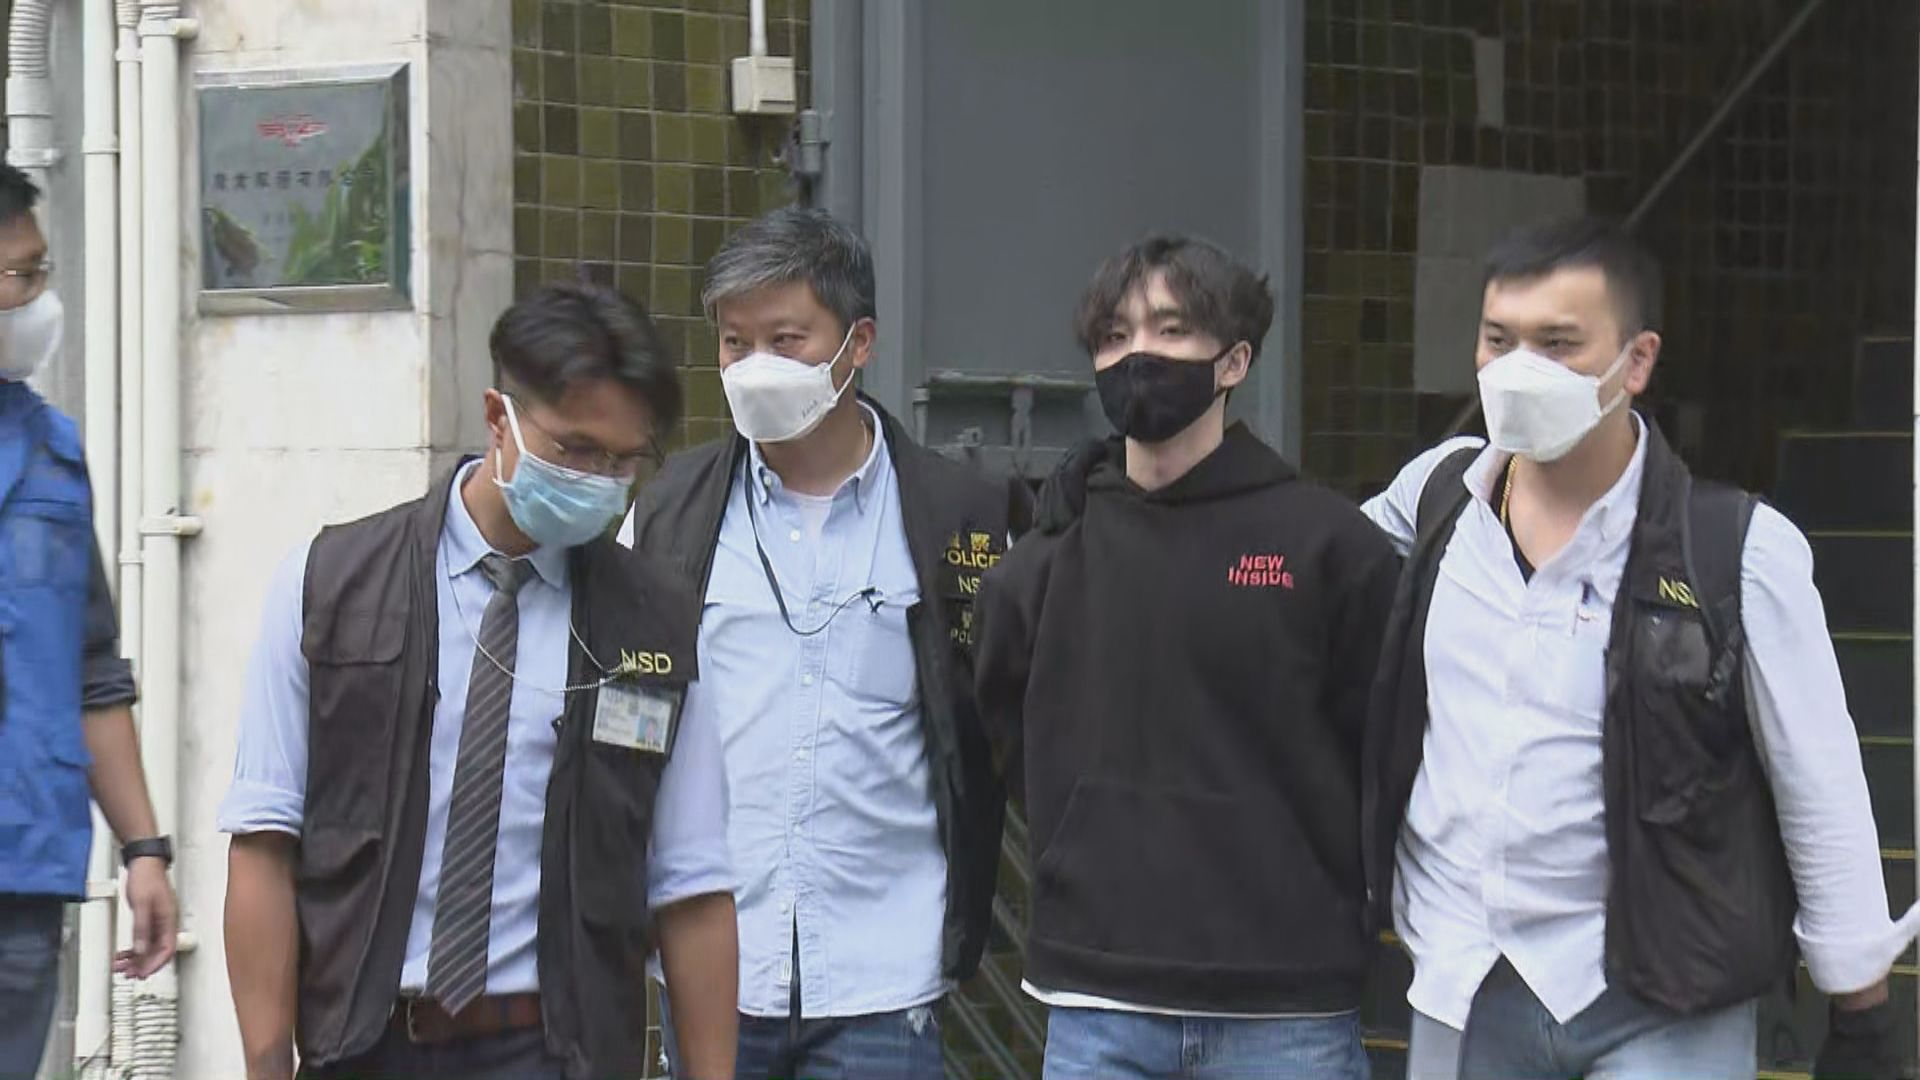 賢學思政三人被控串謀煽動顛覆國家政權 還柙至11月再訊